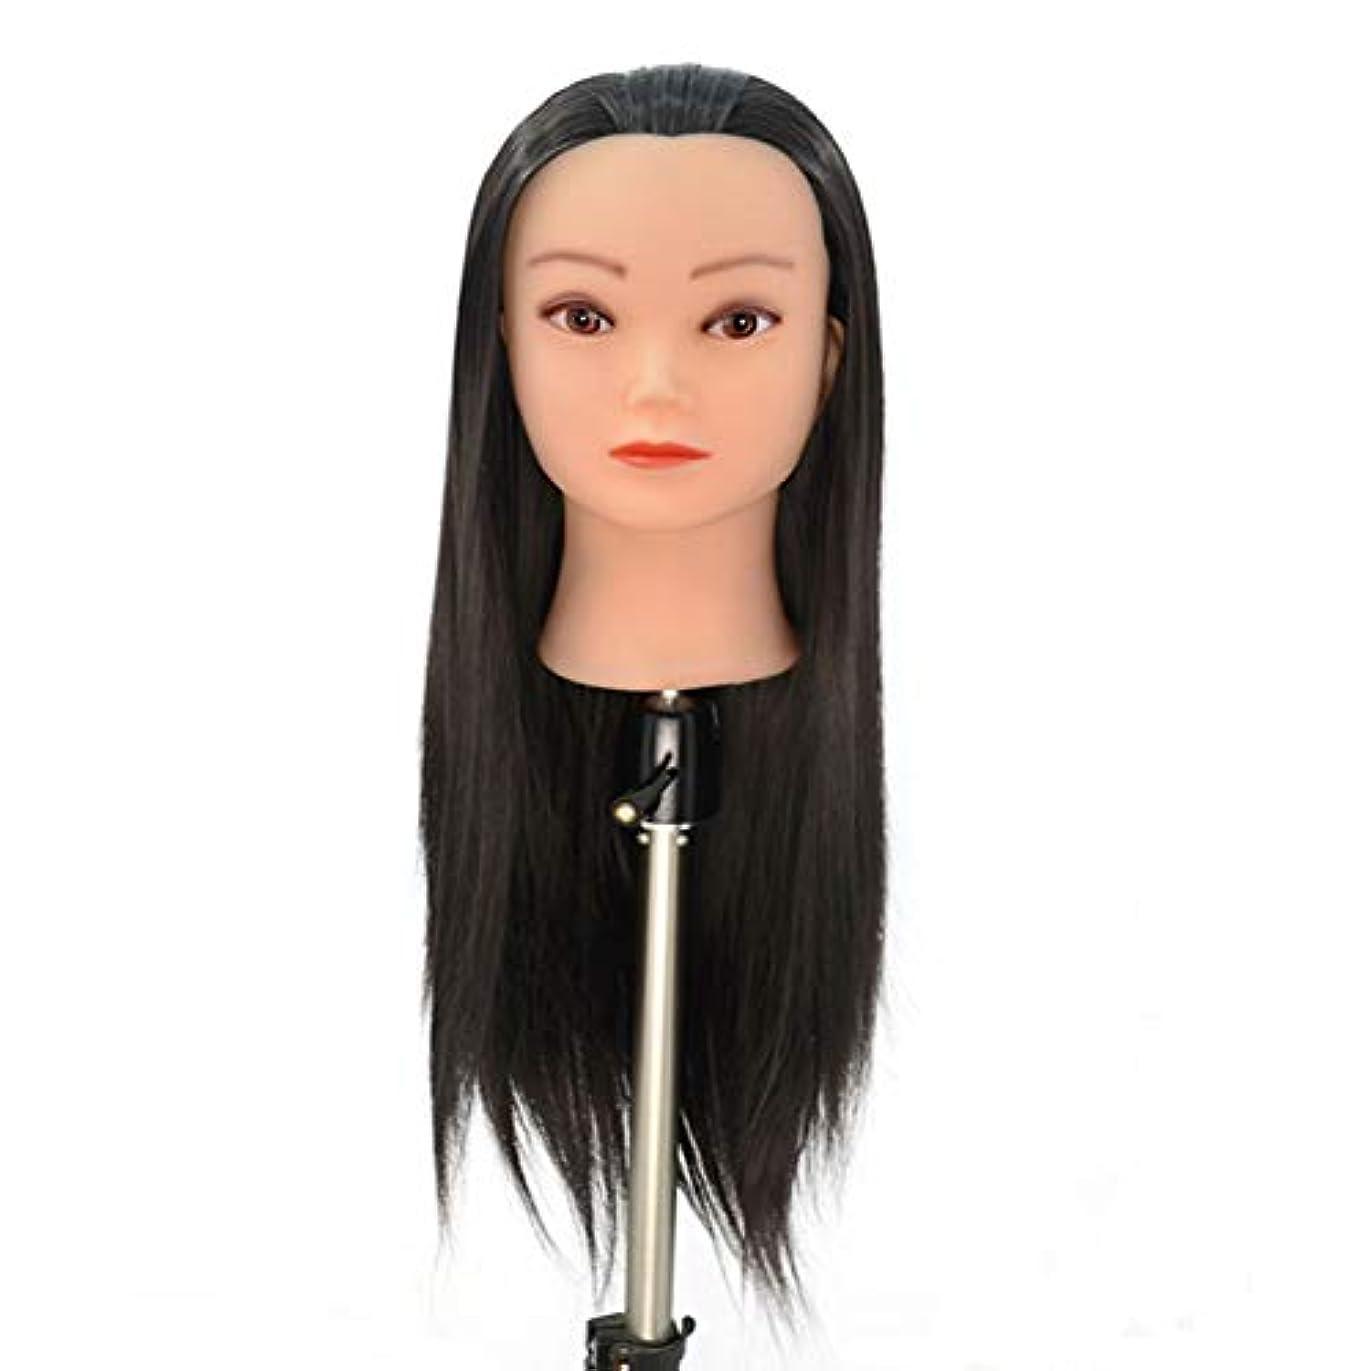 送信する厳警告は、花嫁の髪編組ひも学習ヘッドモデル理髪モデルヘッド理髪サロン散髪ダミー練習ヘッド